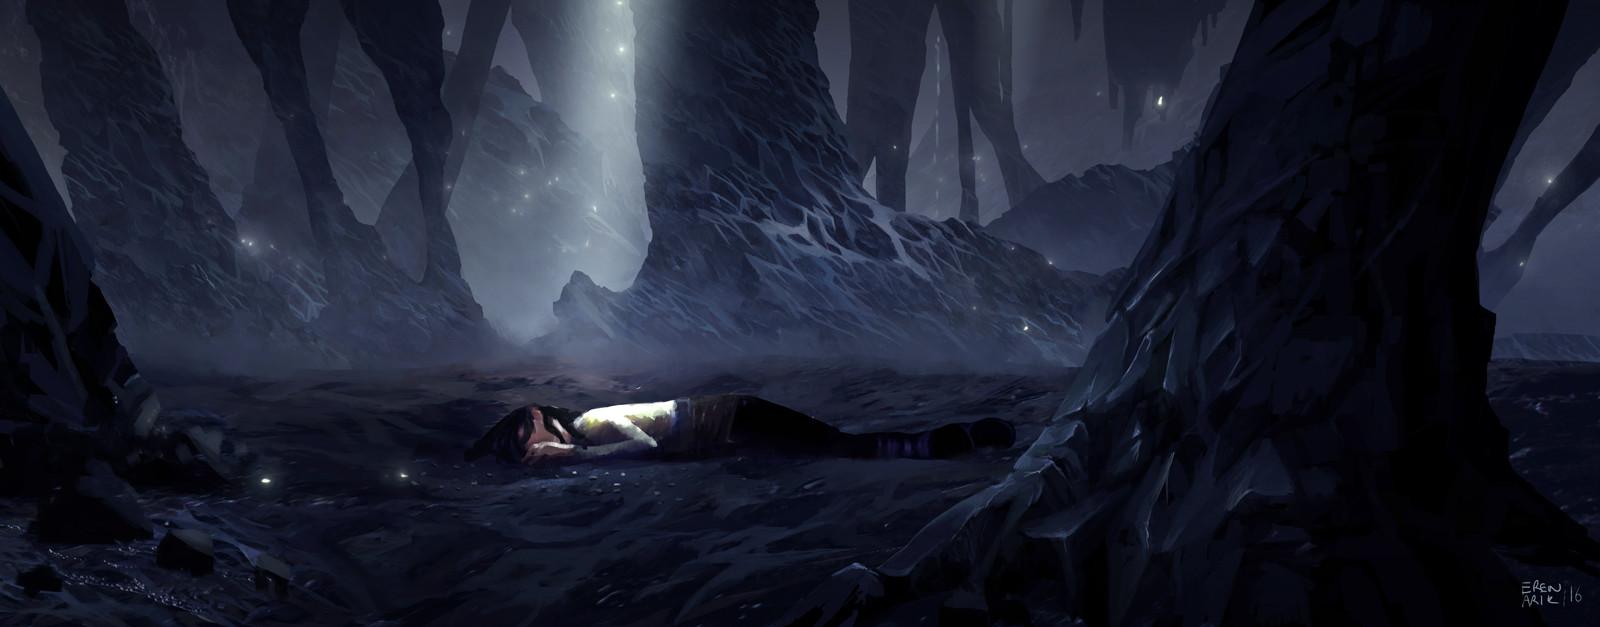 Eren arik cave